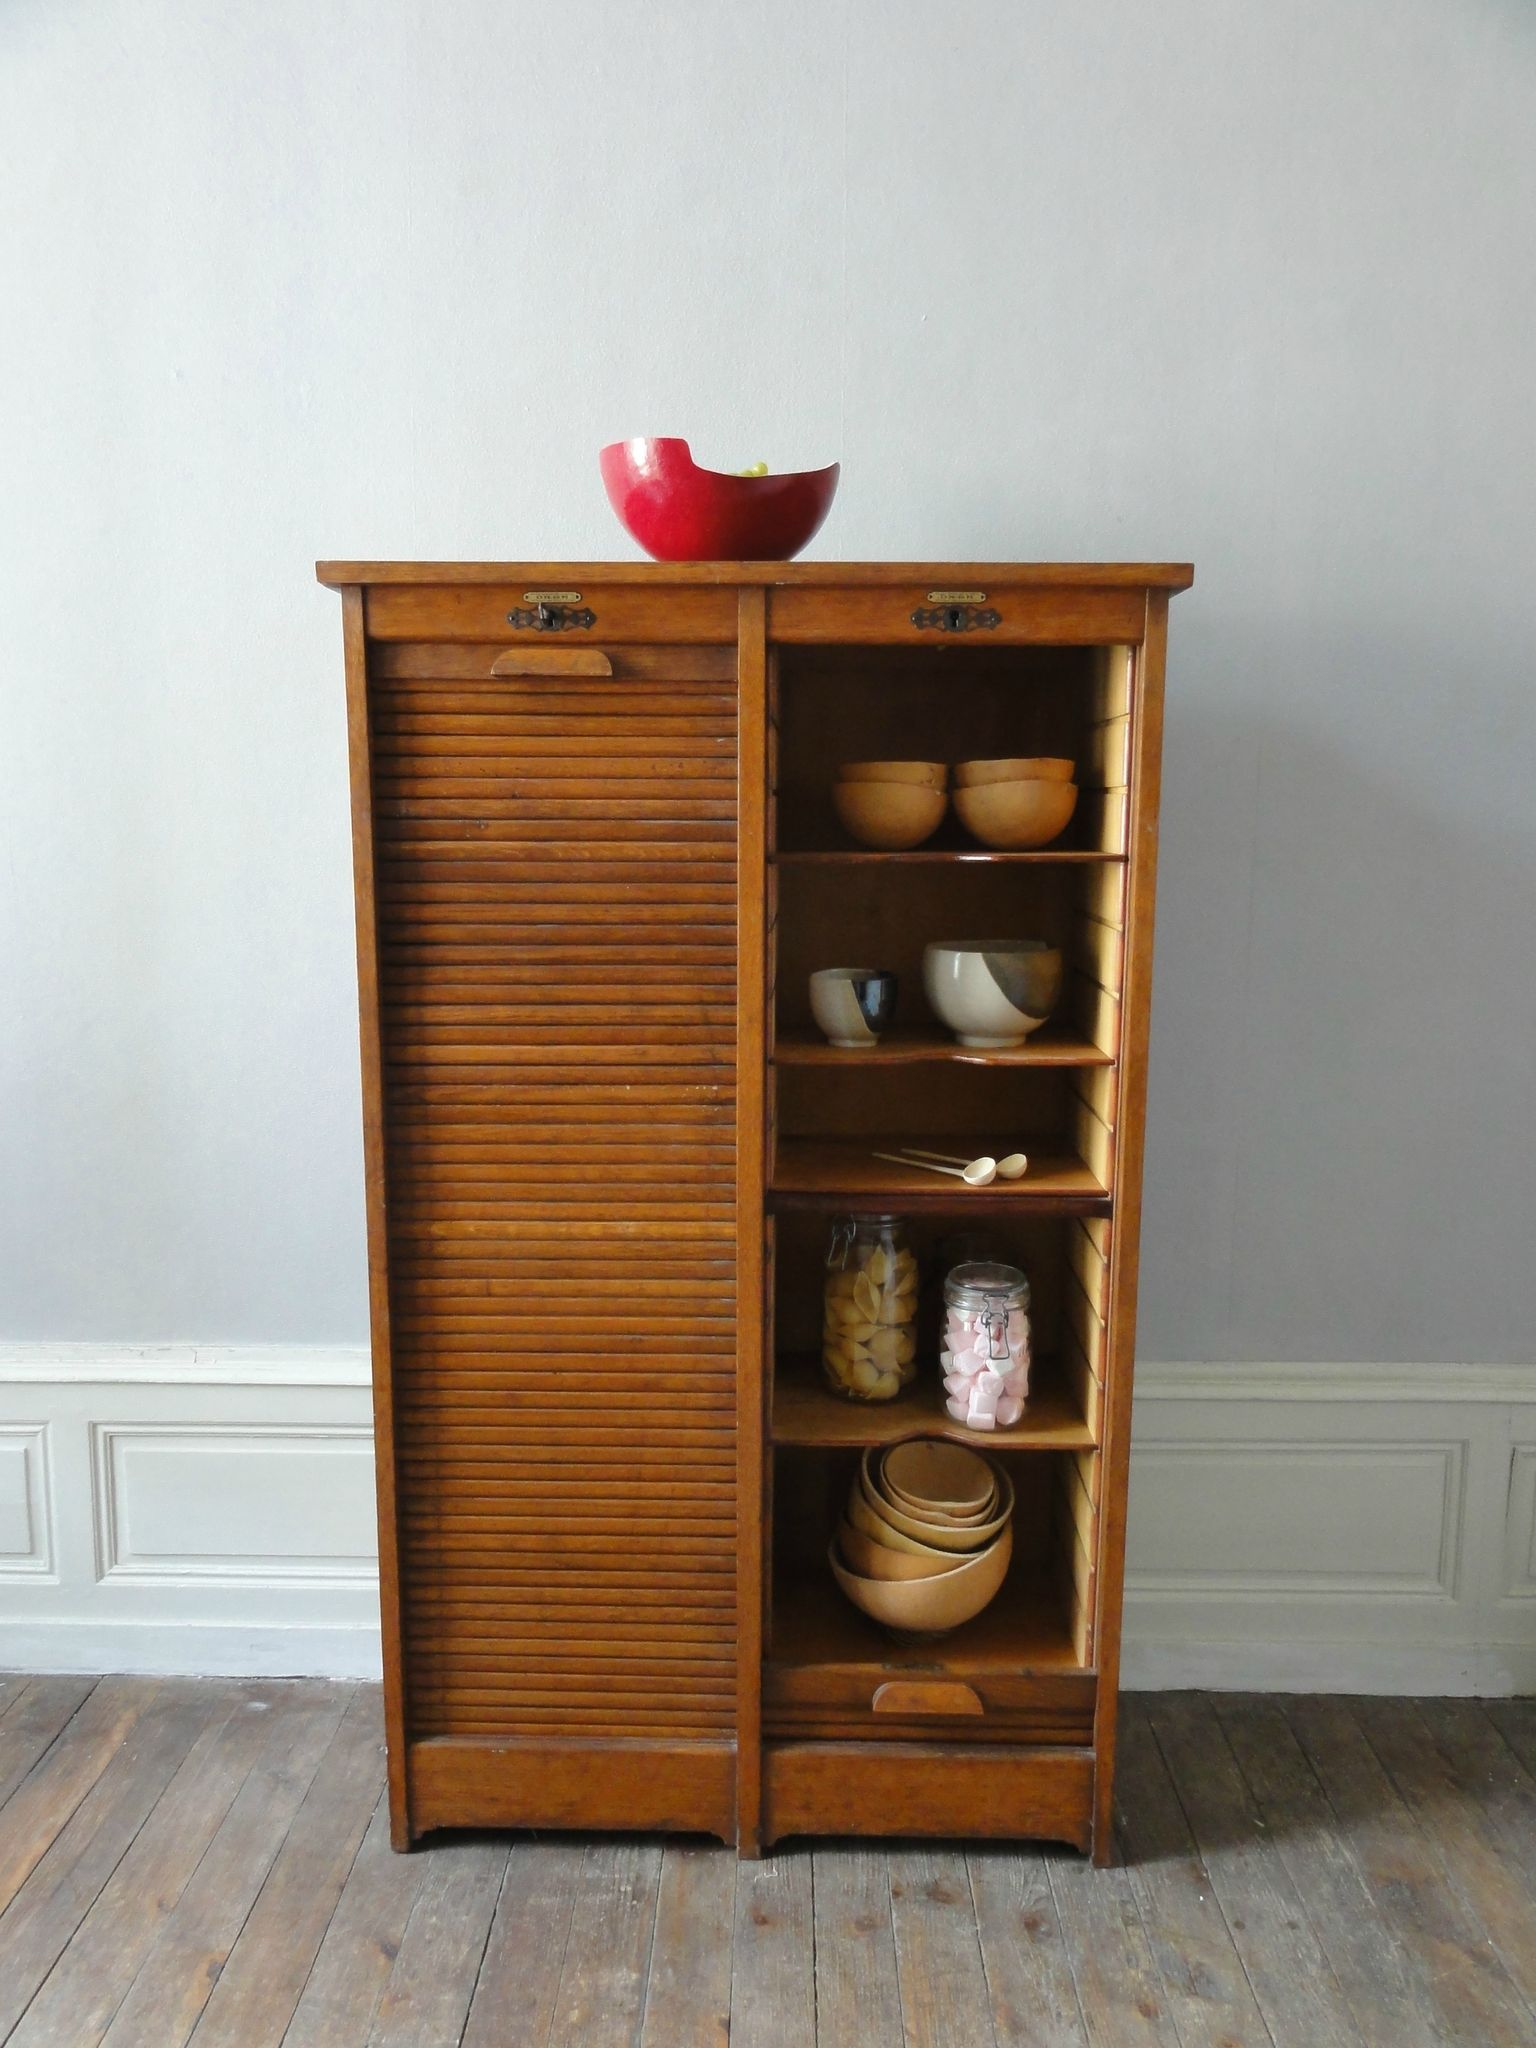 meuble a trier annees 50 en ch ne vintage moi. Black Bedroom Furniture Sets. Home Design Ideas